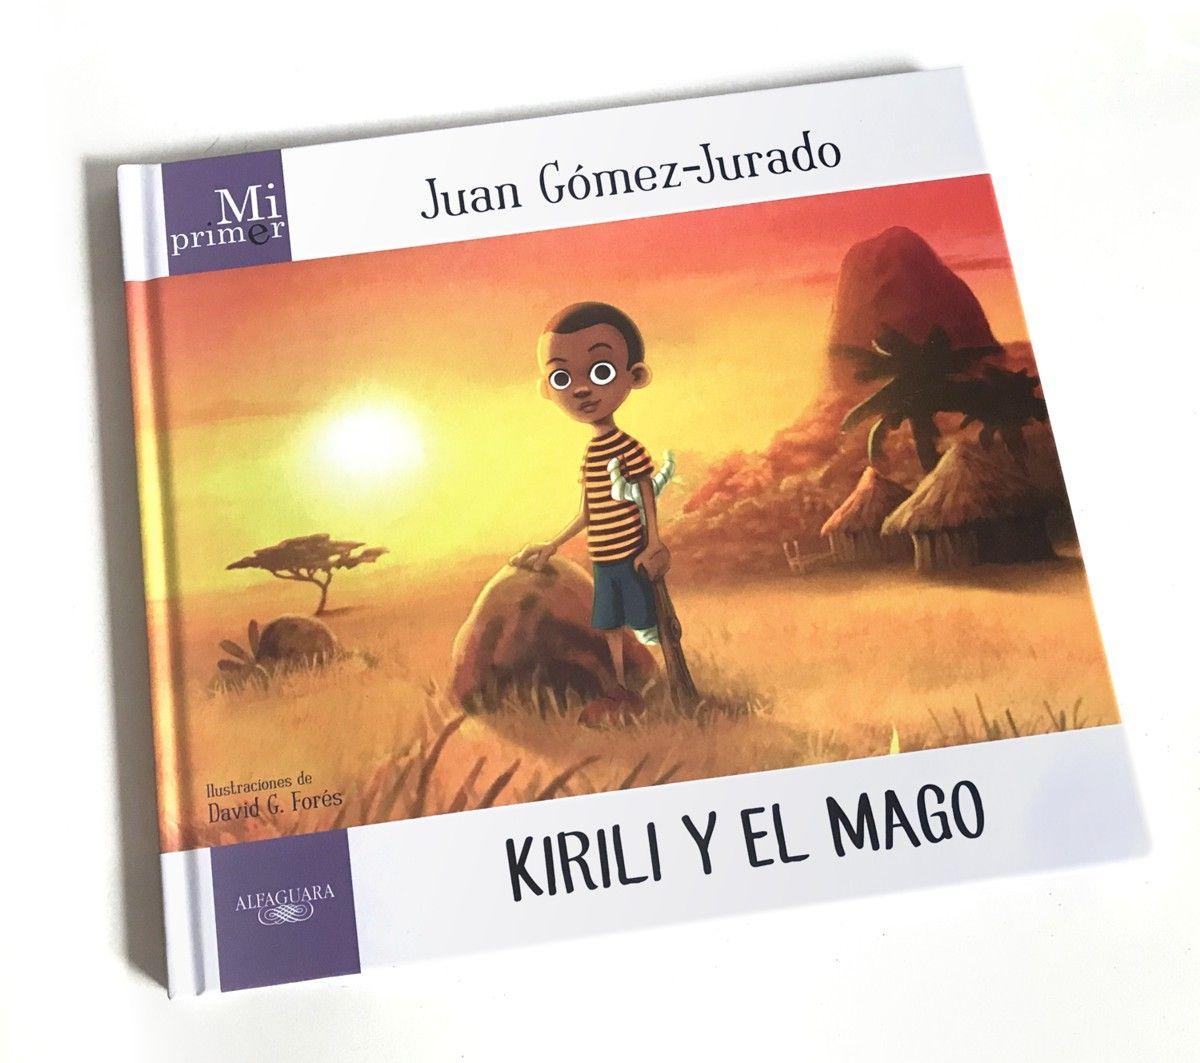 Kirili y el Mago - Mi primer Juan Gomez Jurado - libro